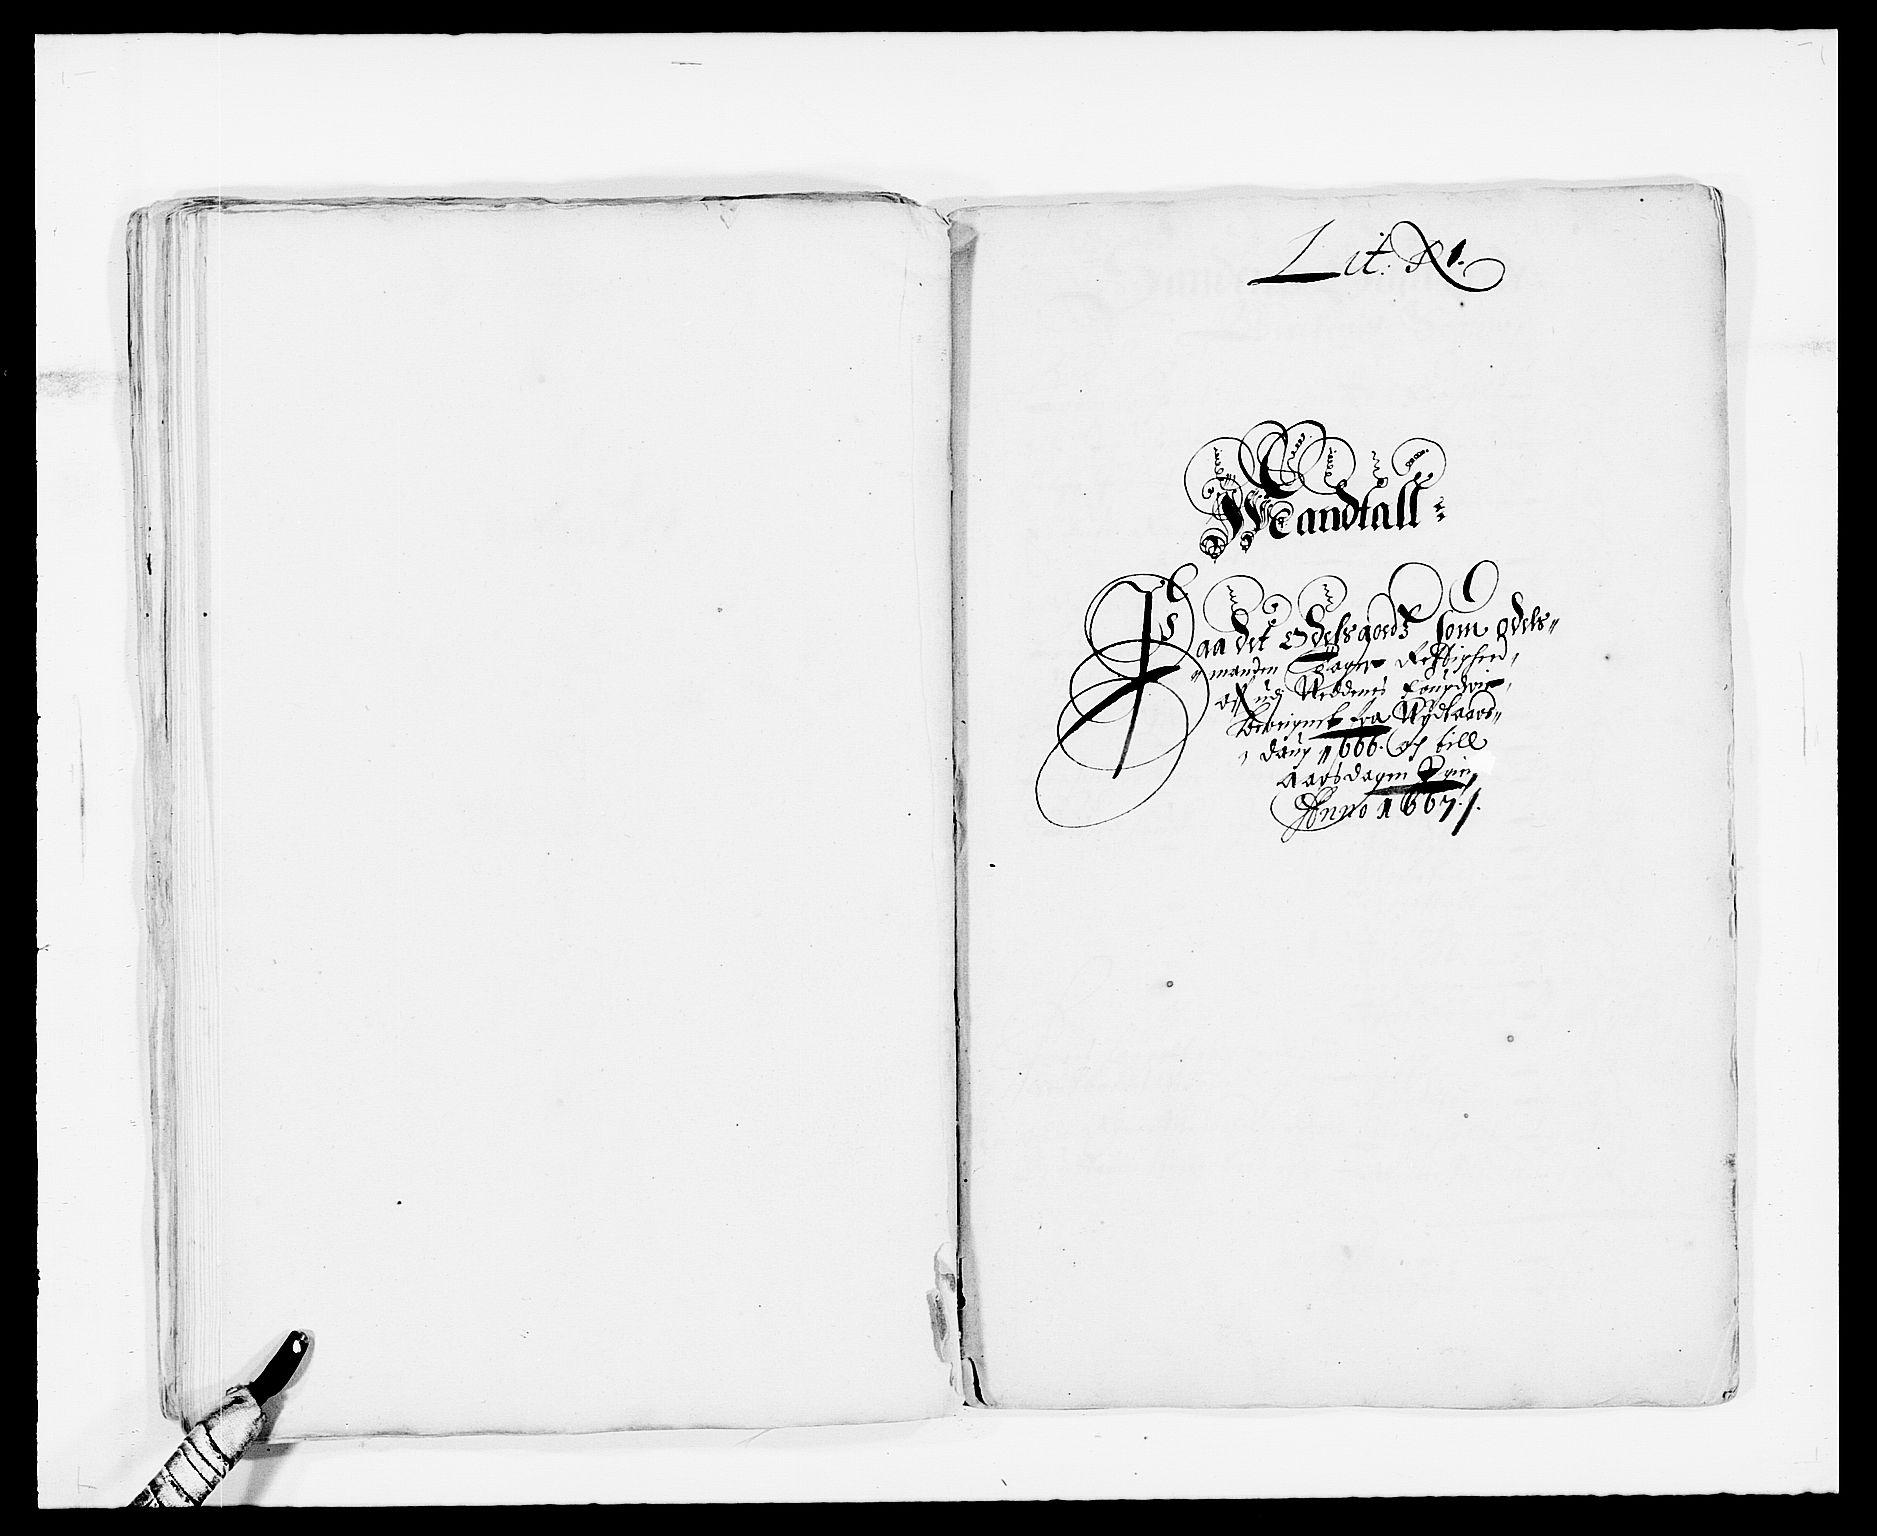 RA, Rentekammeret inntil 1814, Reviderte regnskaper, Fogderegnskap, R39/L2296: Fogderegnskap Nedenes, 1664-1666, s. 233